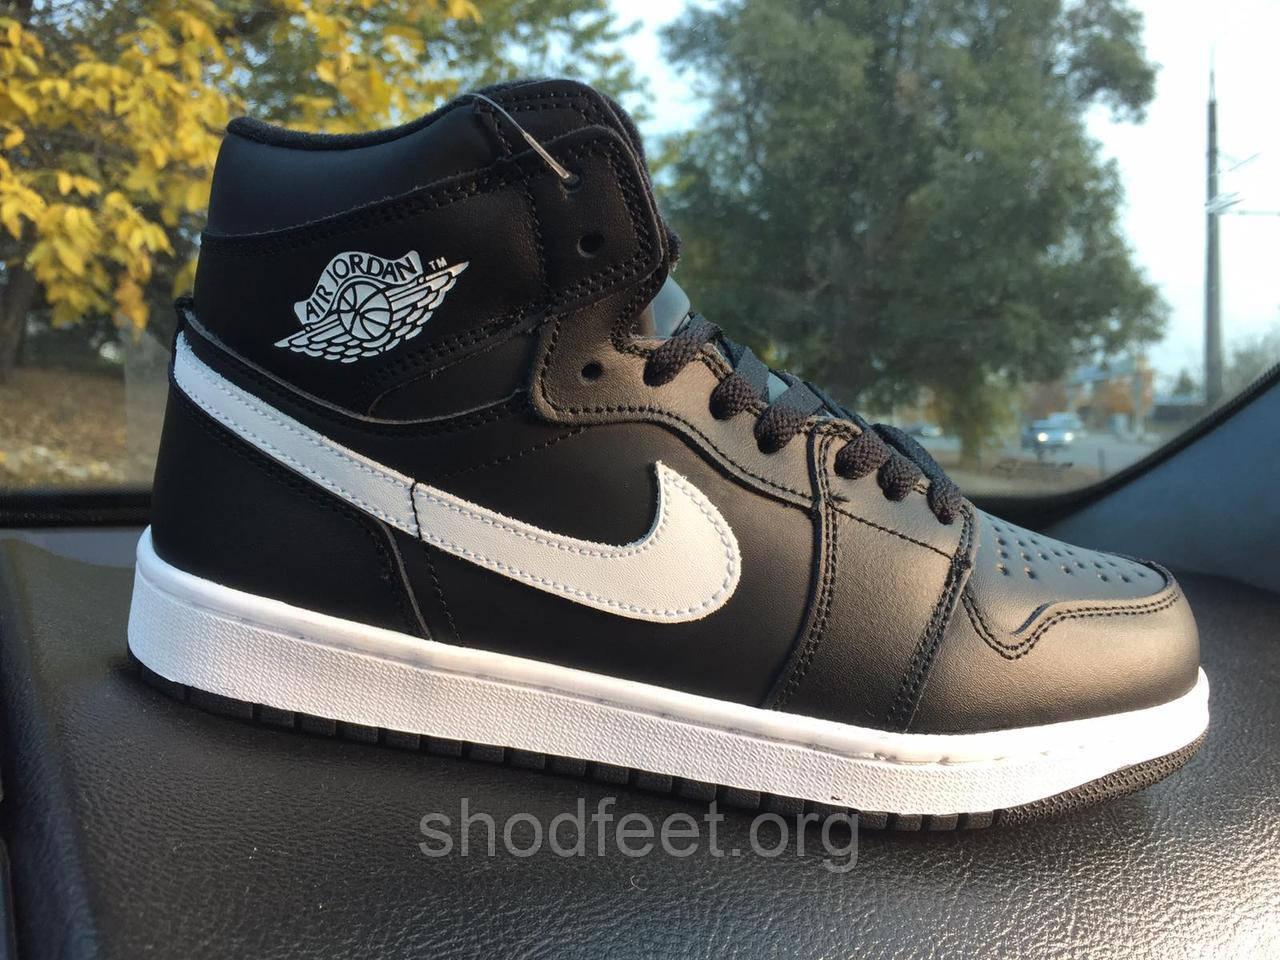 Подростковые зимние кроссовки Jordan 1 Retro Black White